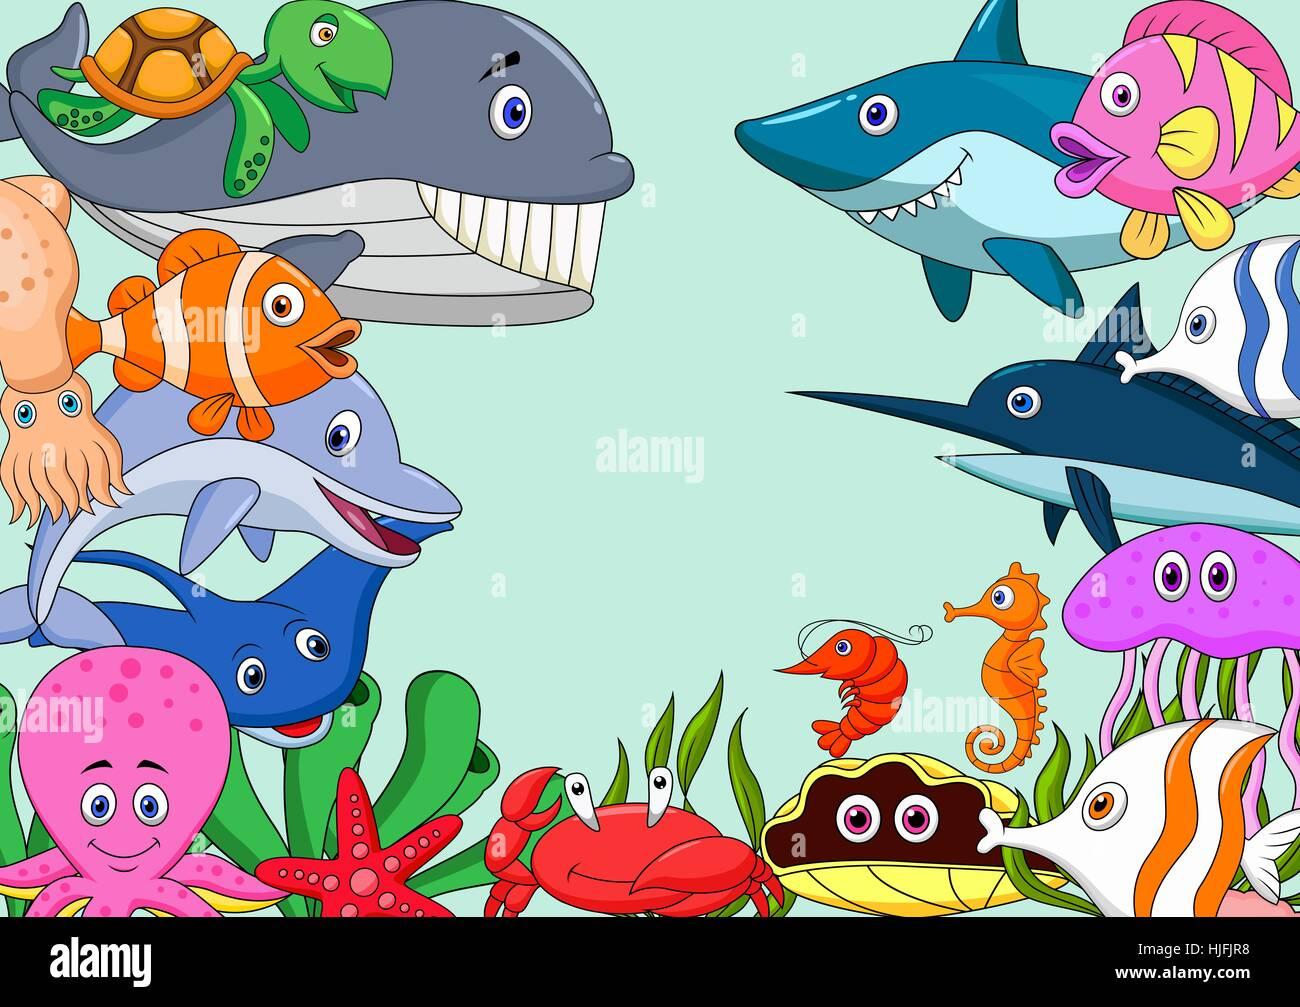 Aquarium Fish Cartoon Backdrop Background Laugh Laughs